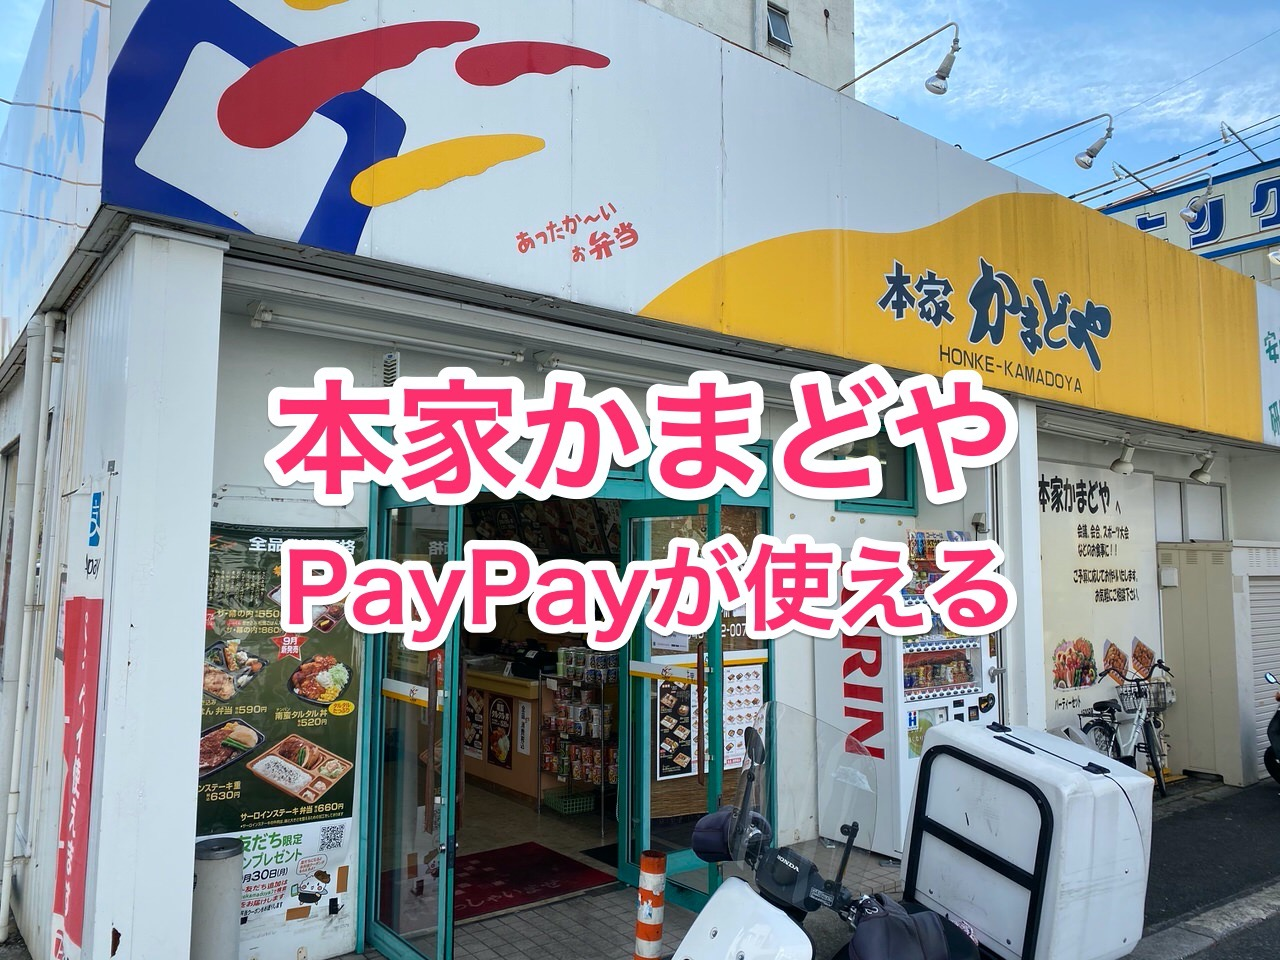 PayPayが使えるじゃないか!「本家かまどや」40周年記念40円のり弁を食べて分かったこと